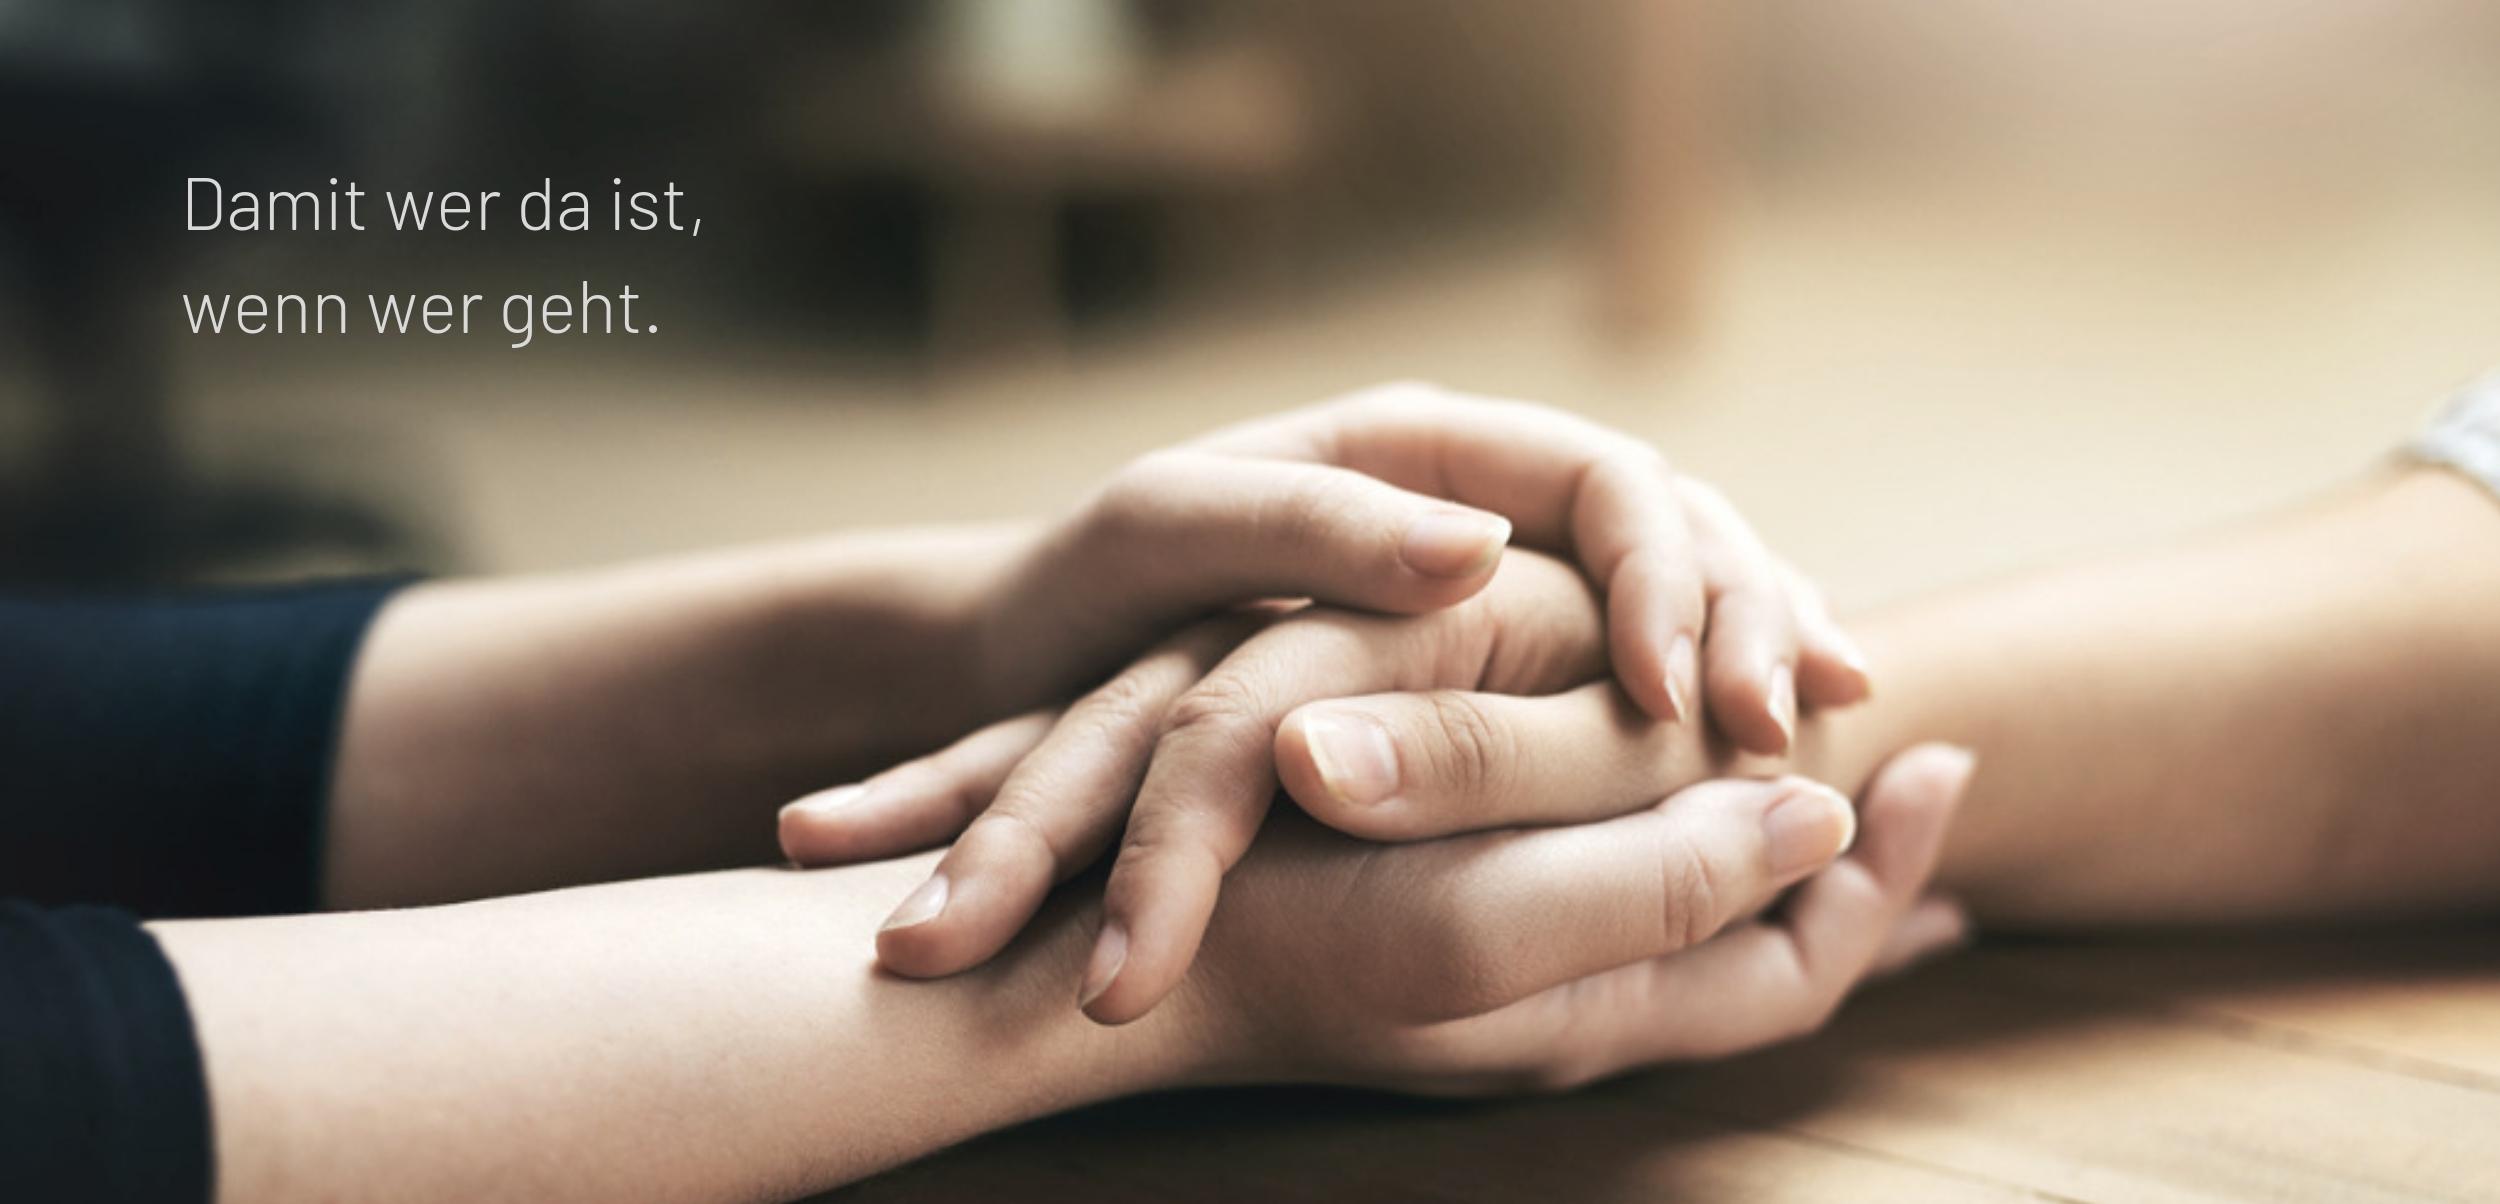 Werbetext - Claim für Trauerbegleiter